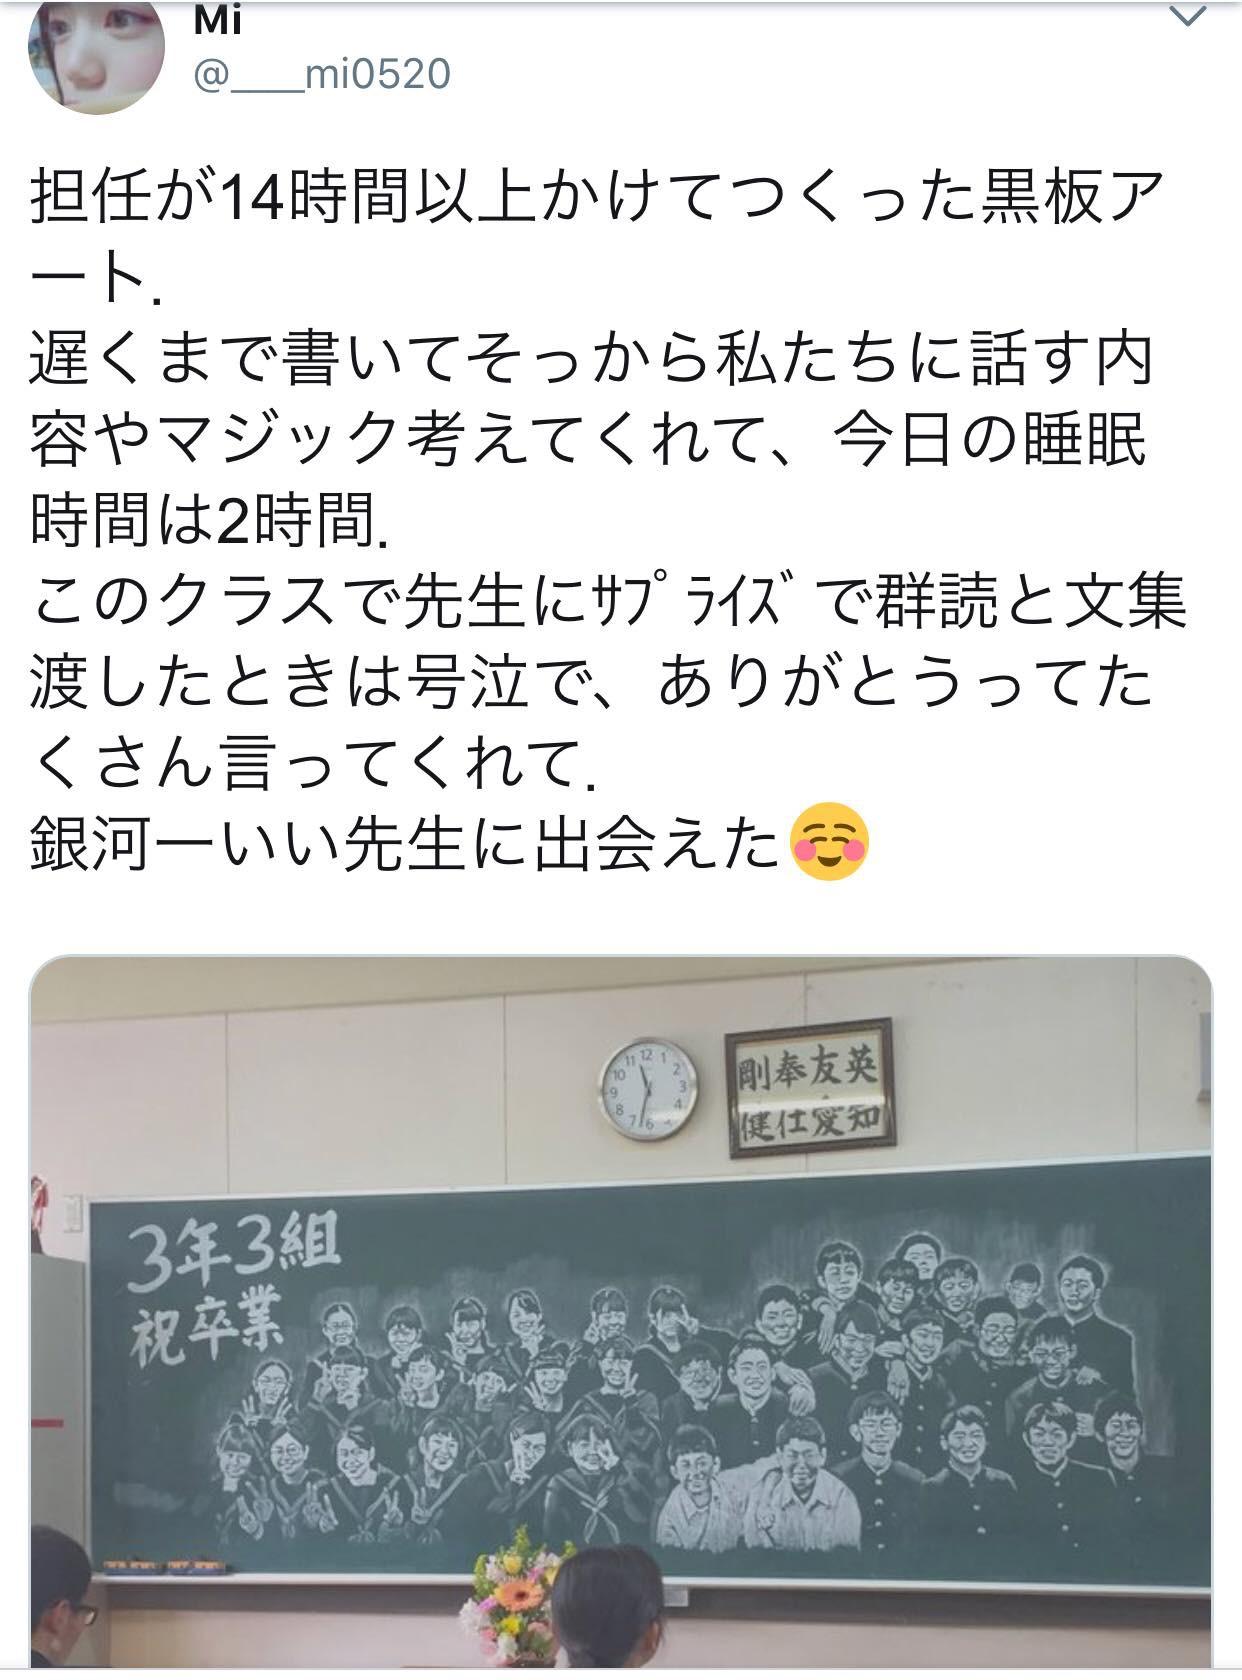 Cô giáo Nhật giành 14 giờ vẽ chân dung 41 học sinh trong lớp bằng phấn - Ảnh 1.